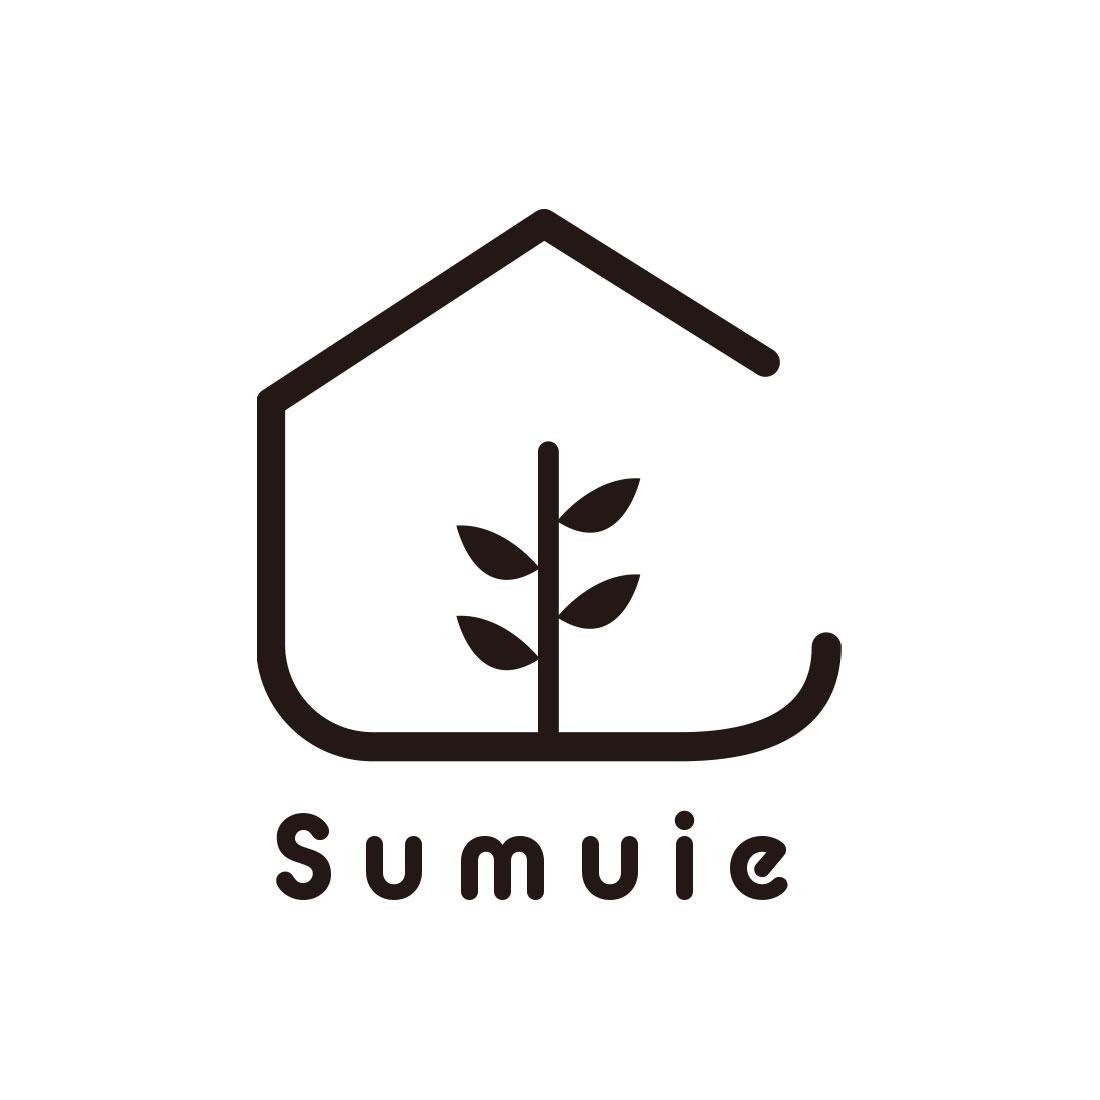 190608 – Sumuie